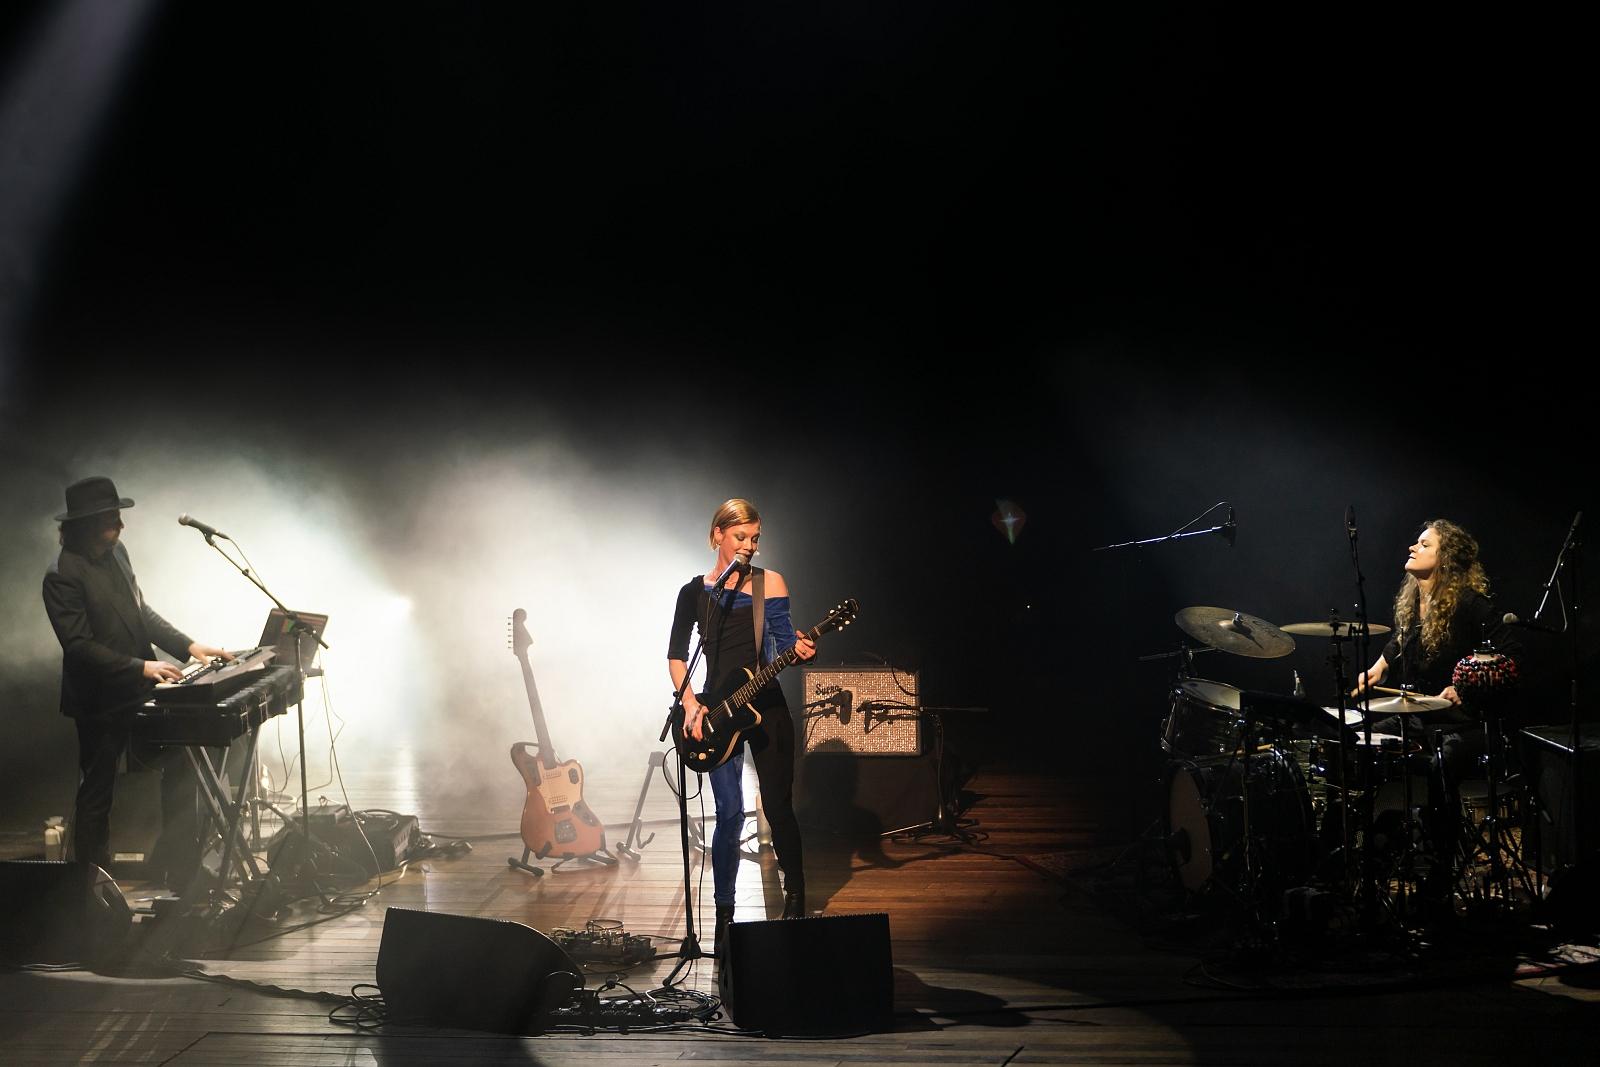 Trixie Whitley @ Roma 02-20--21